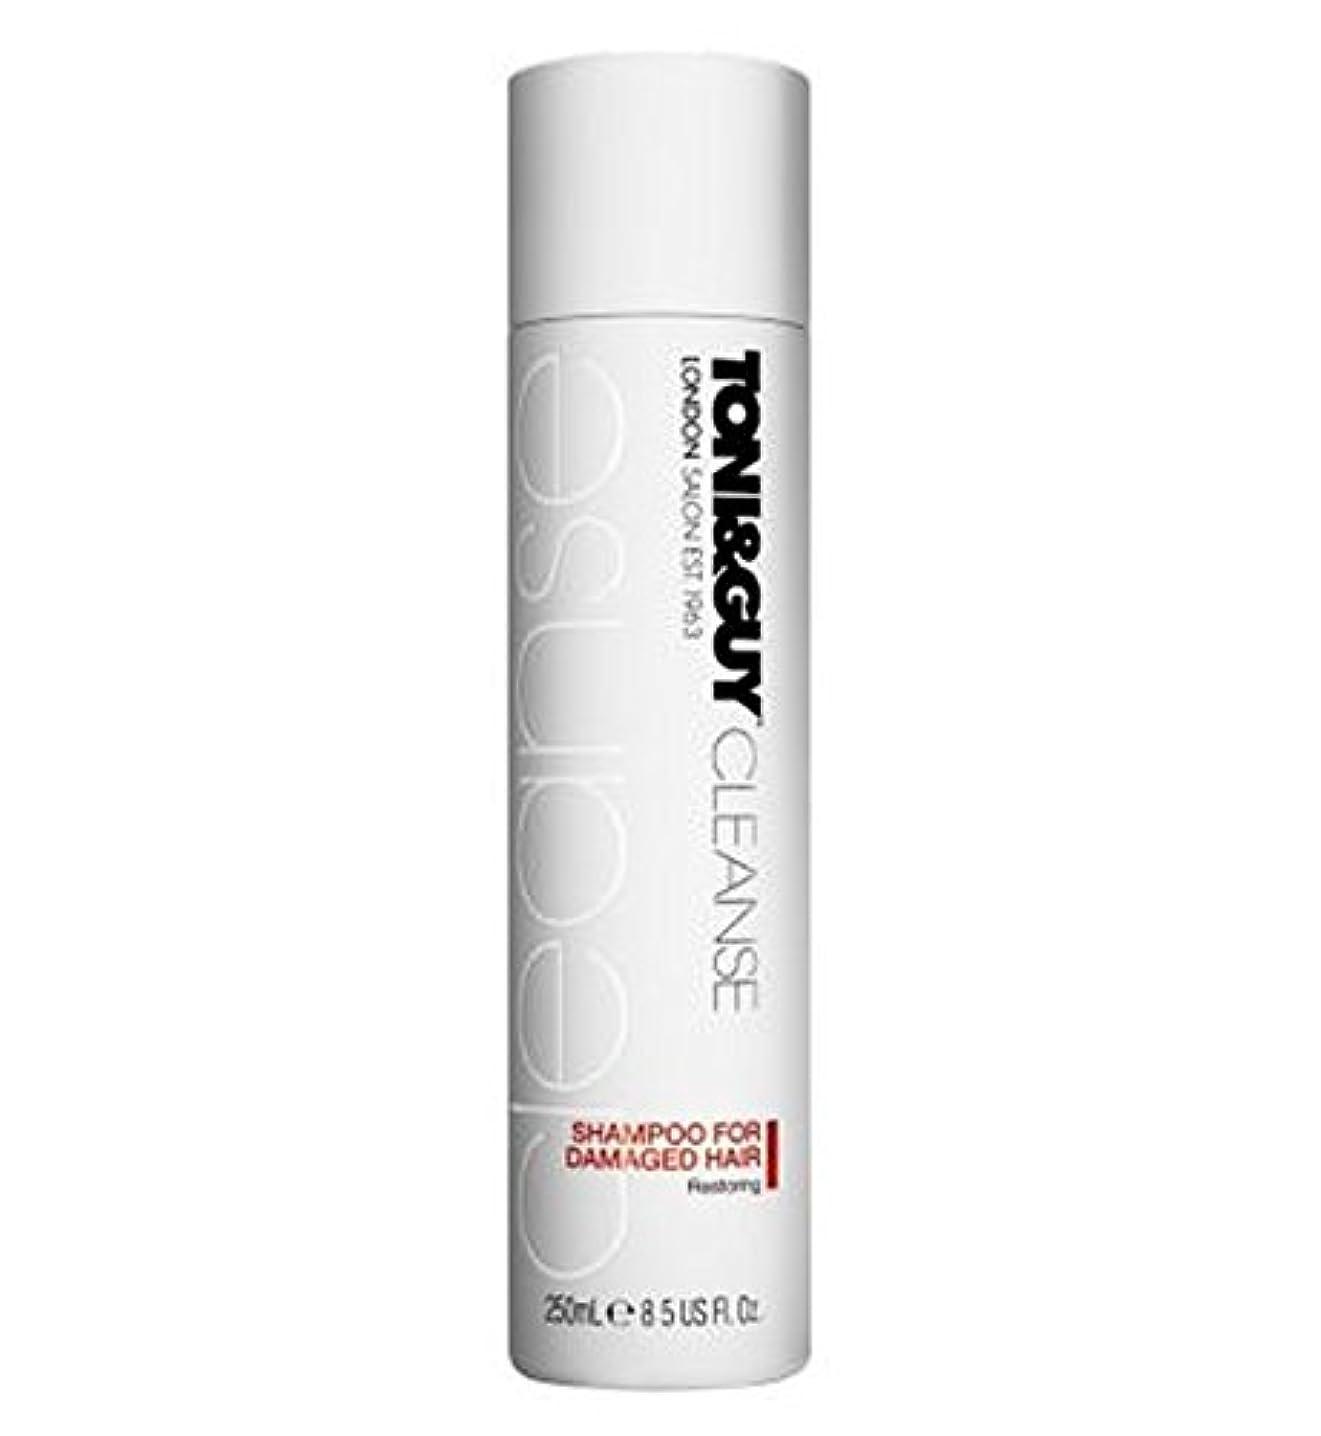 気になるもっと硫黄Toni&Guy Cleanse Shampoo for Damaged Hair 250ml - 傷んだ髪の250ミリリットルのためのトニ&男クレンジングシャンプー (Toni & Guy) [並行輸入品]